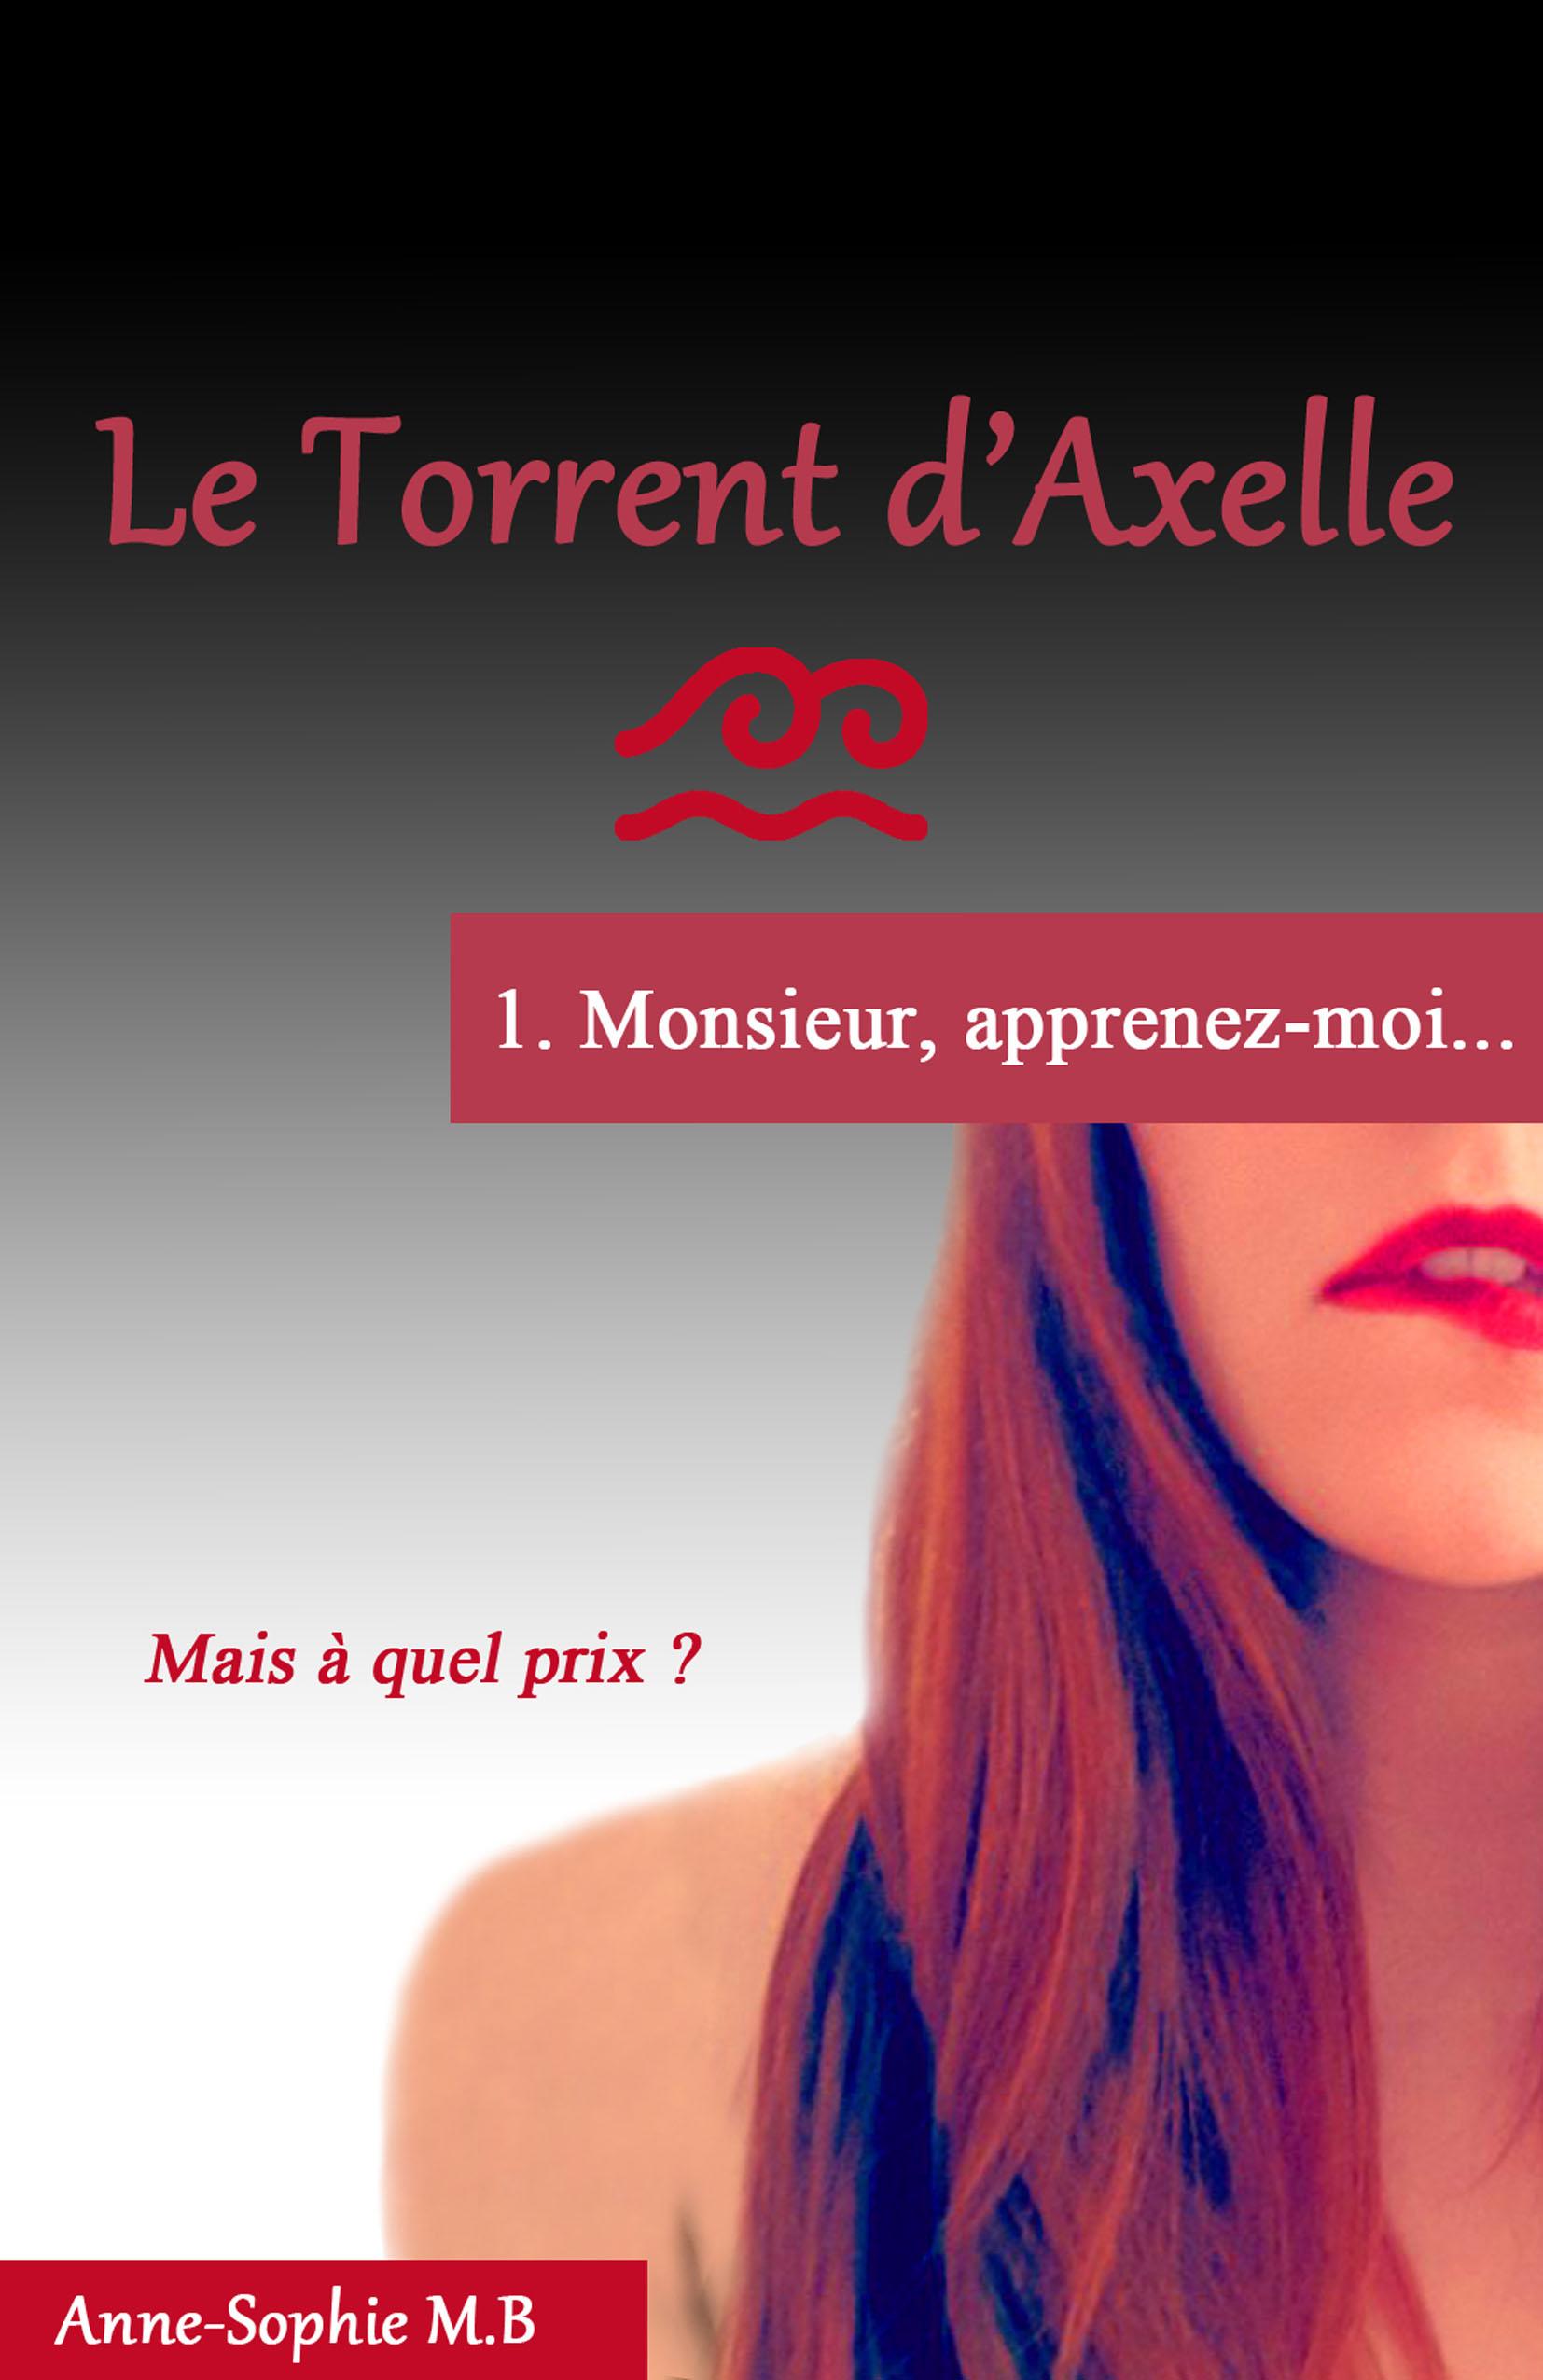 LE TORRENT D'AXELLE - 1. MONSIEUR, APPRENEZ-MOI